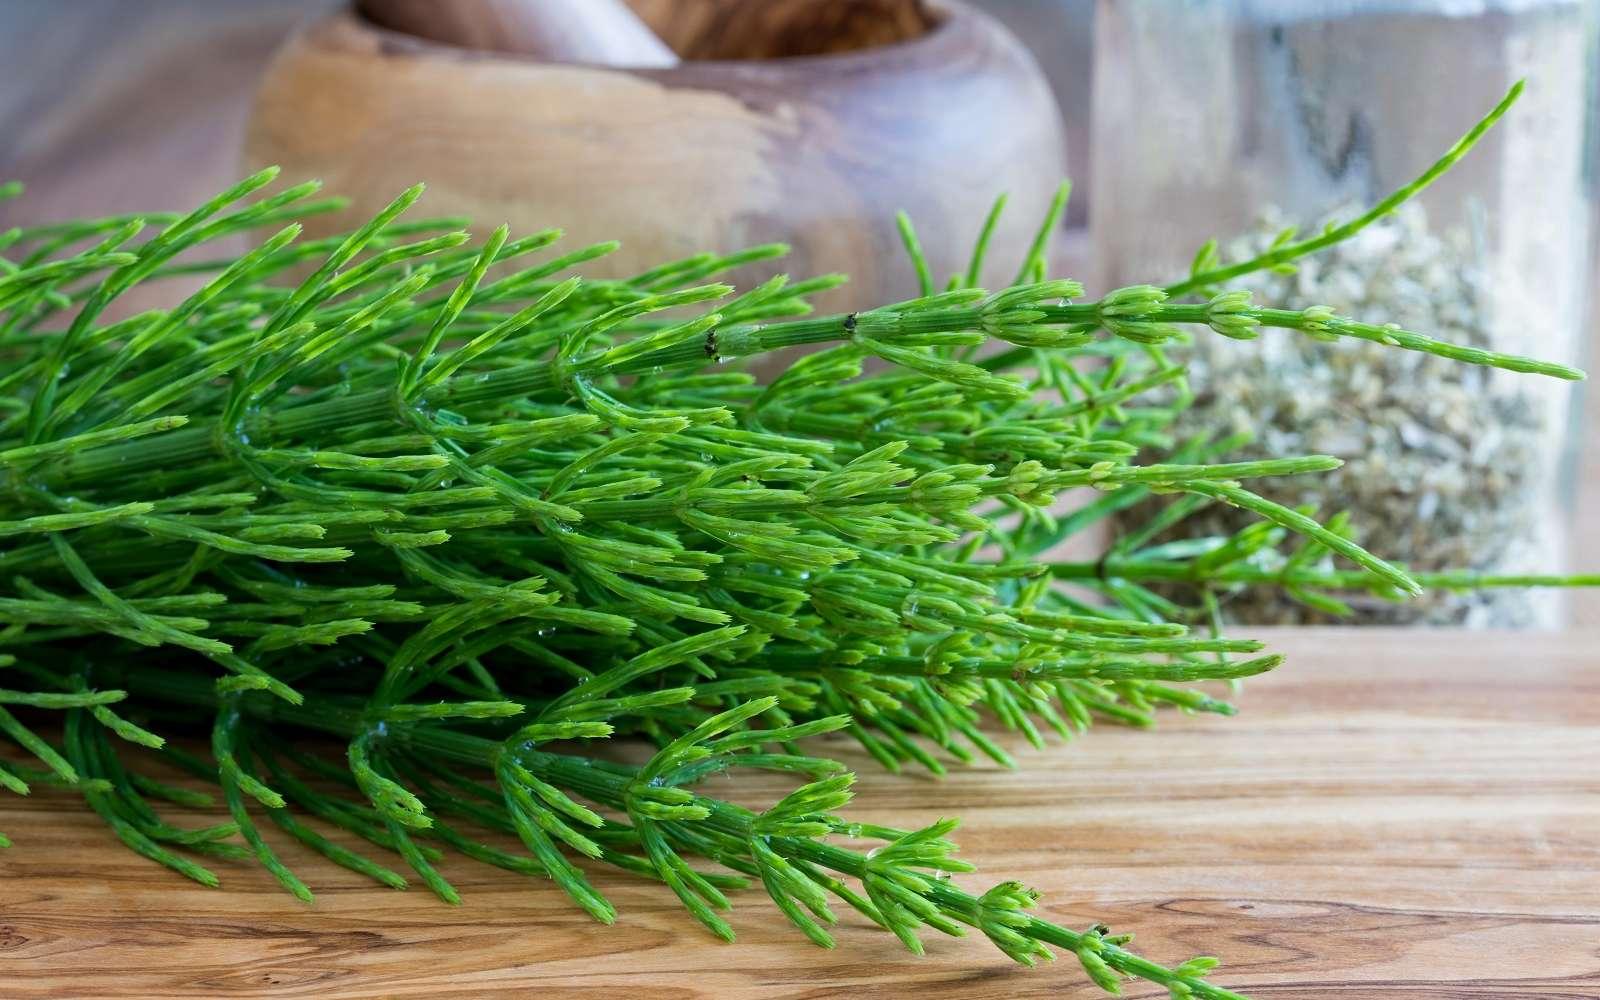 Prêle toute fraîche pour réaliser un purin, extrait de plantes efficace. Madeleine Steinbach, Adobe Stock